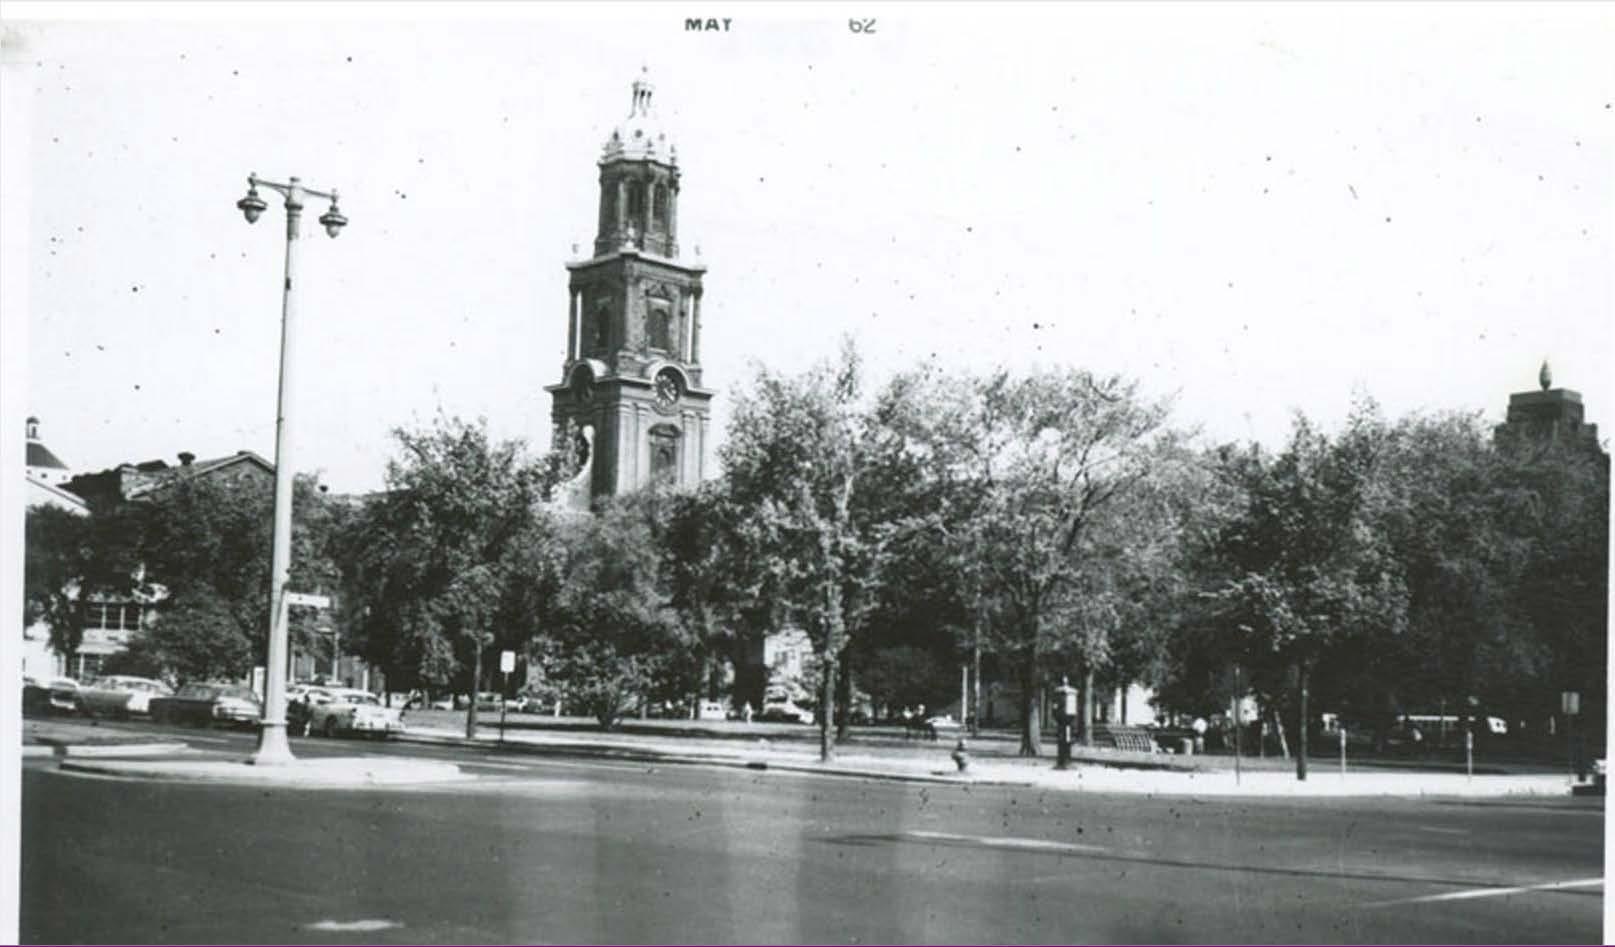 1962 May Square MPL